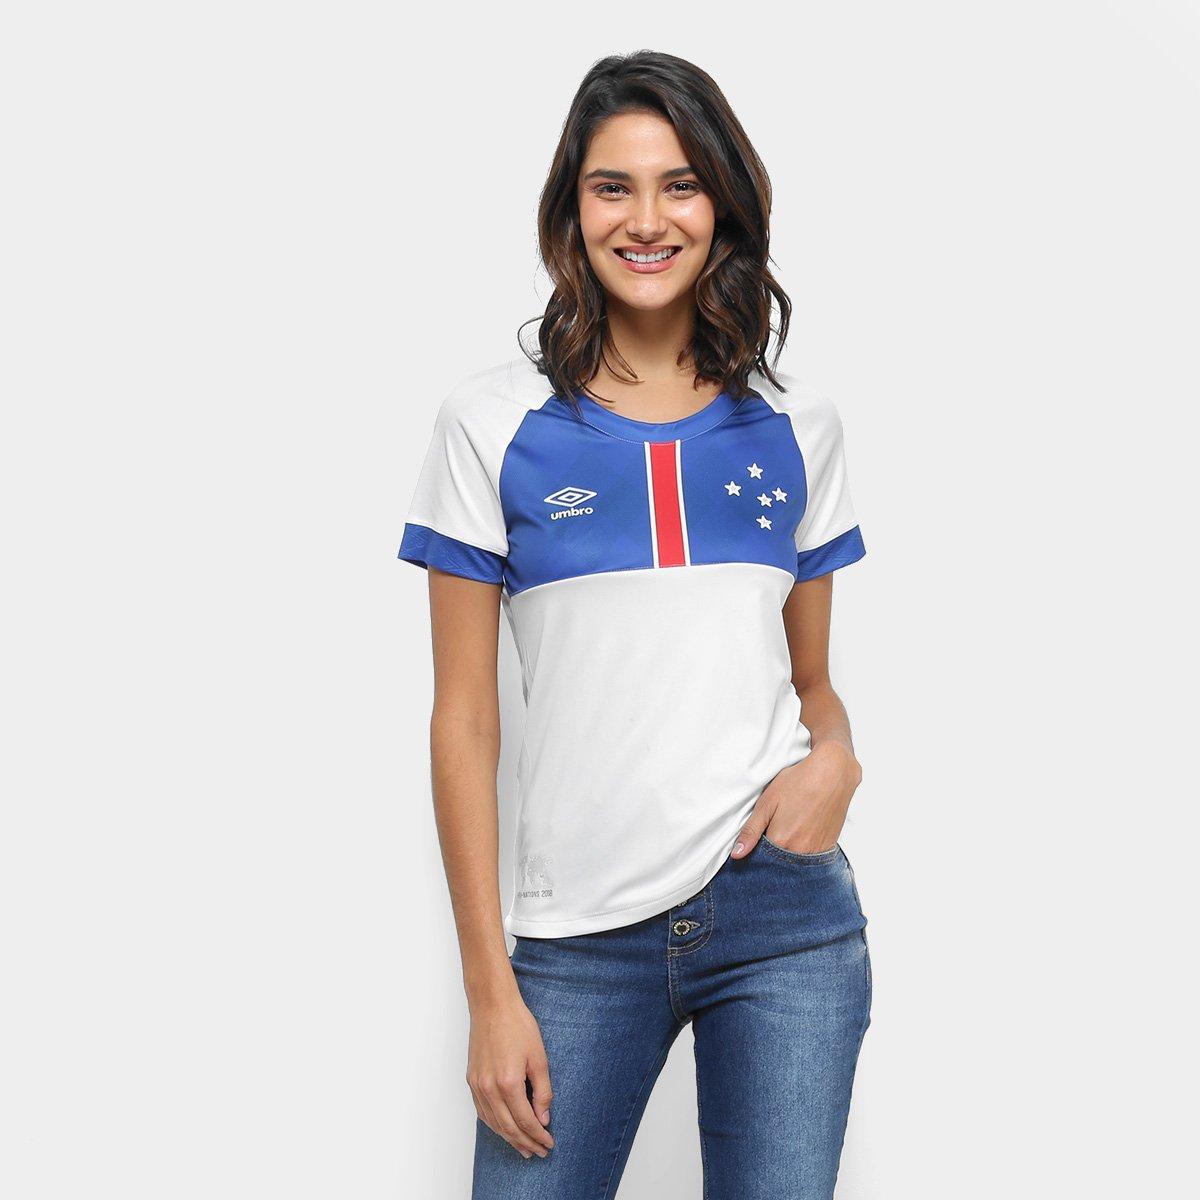 1b46f1e9c36c6 Camisa Cruzeiro II 2018 s n° Blár Vikingur - Torcedor Umbro Feminina -  Branco e Azul - Compre Agora